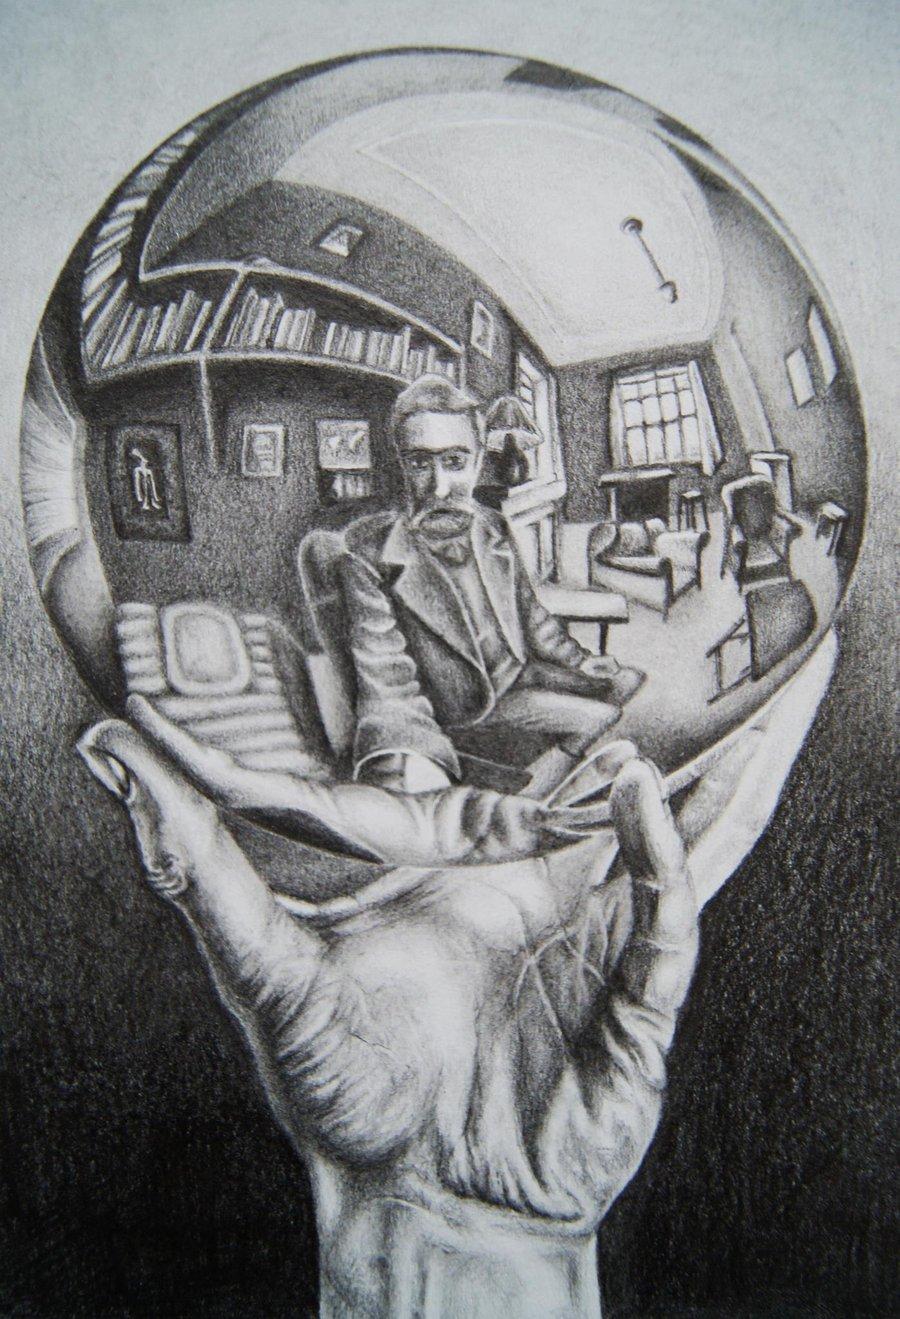 Drawn spheric escher Escher by Reflecting Sphere by